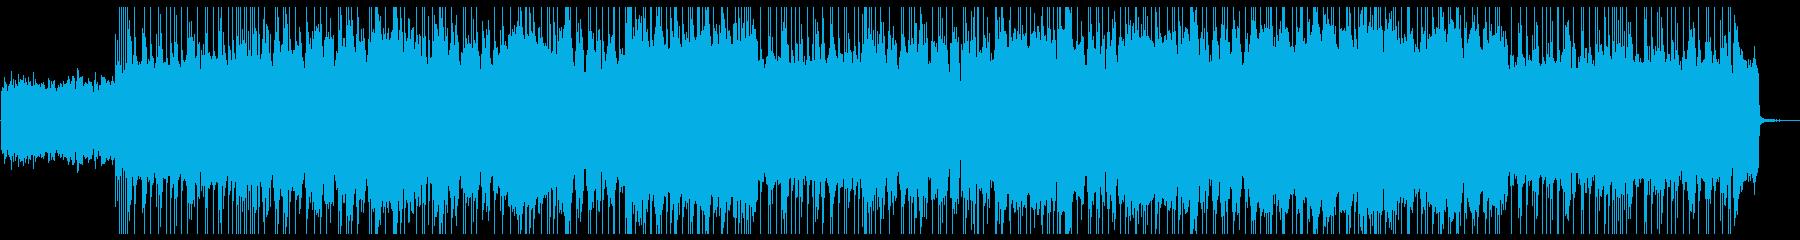 攻撃的なギターのHR/HMの再生済みの波形